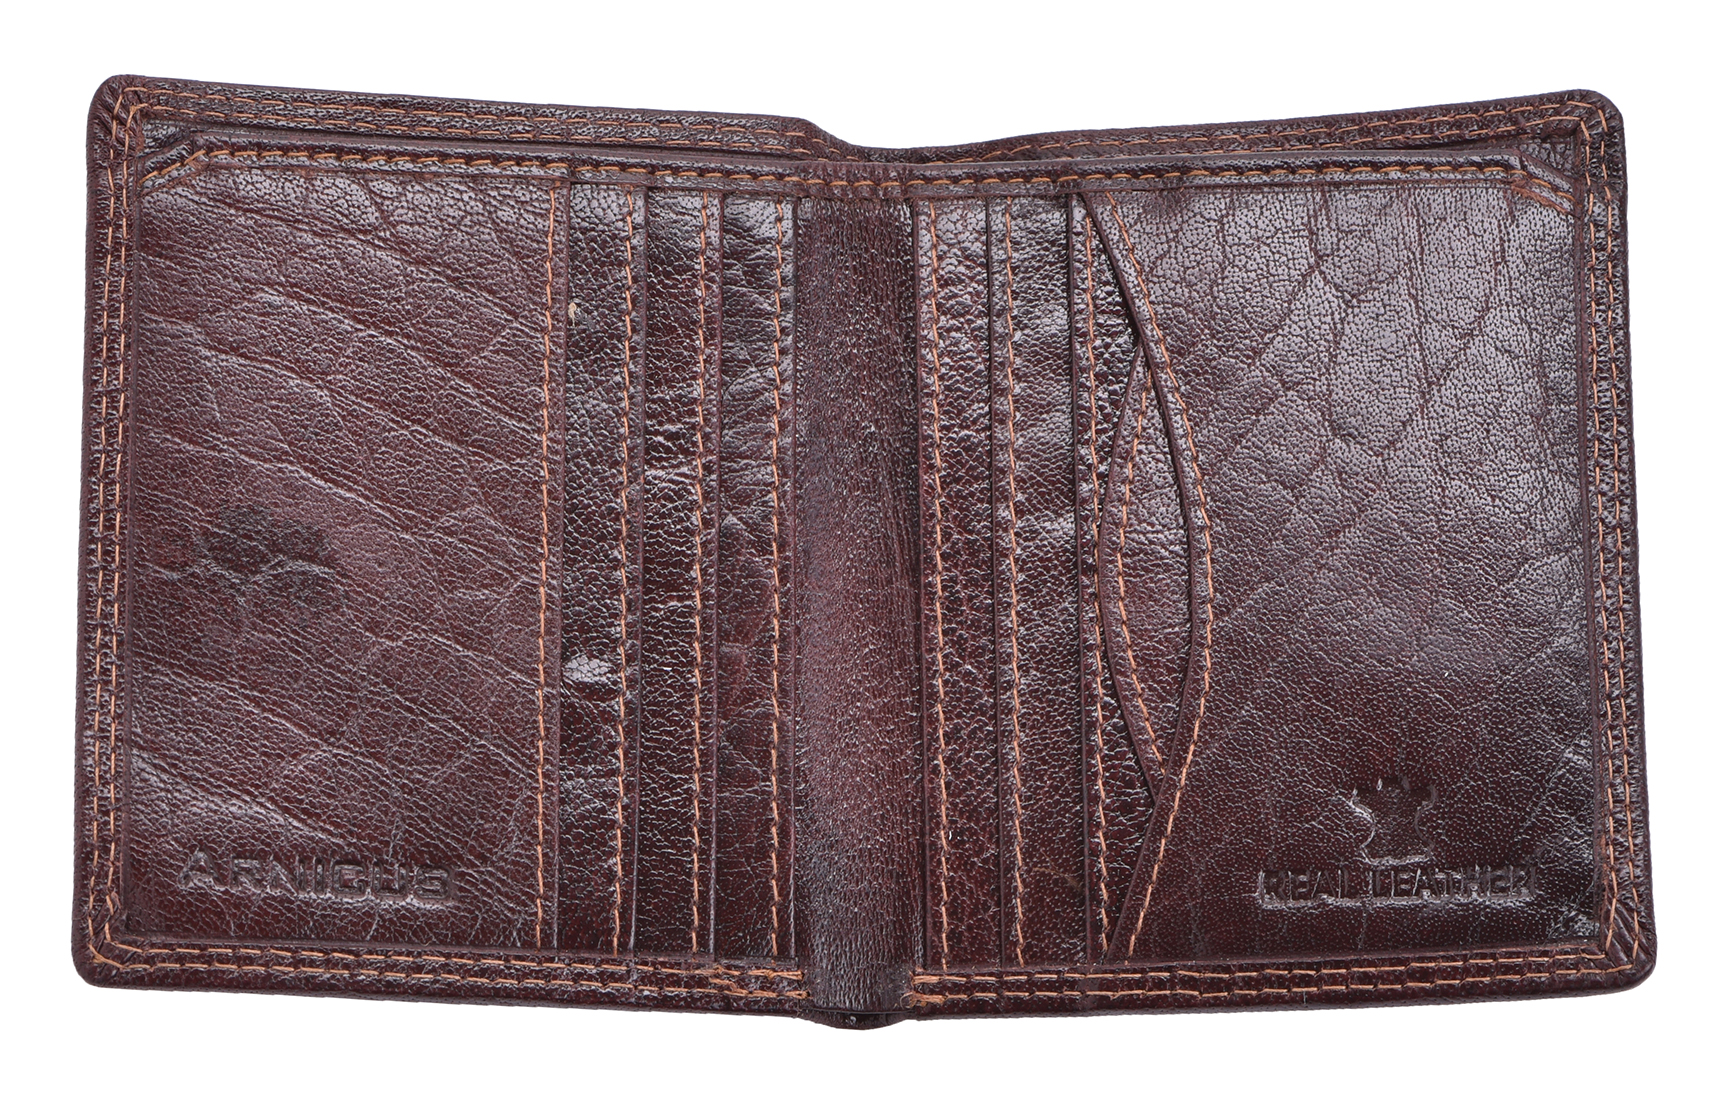 Mens-Gents-Luxe-Slim-RFID-Bloquant-Authentique-Portefeuille-Porte-monnaie-porte-carte-marron miniature 4